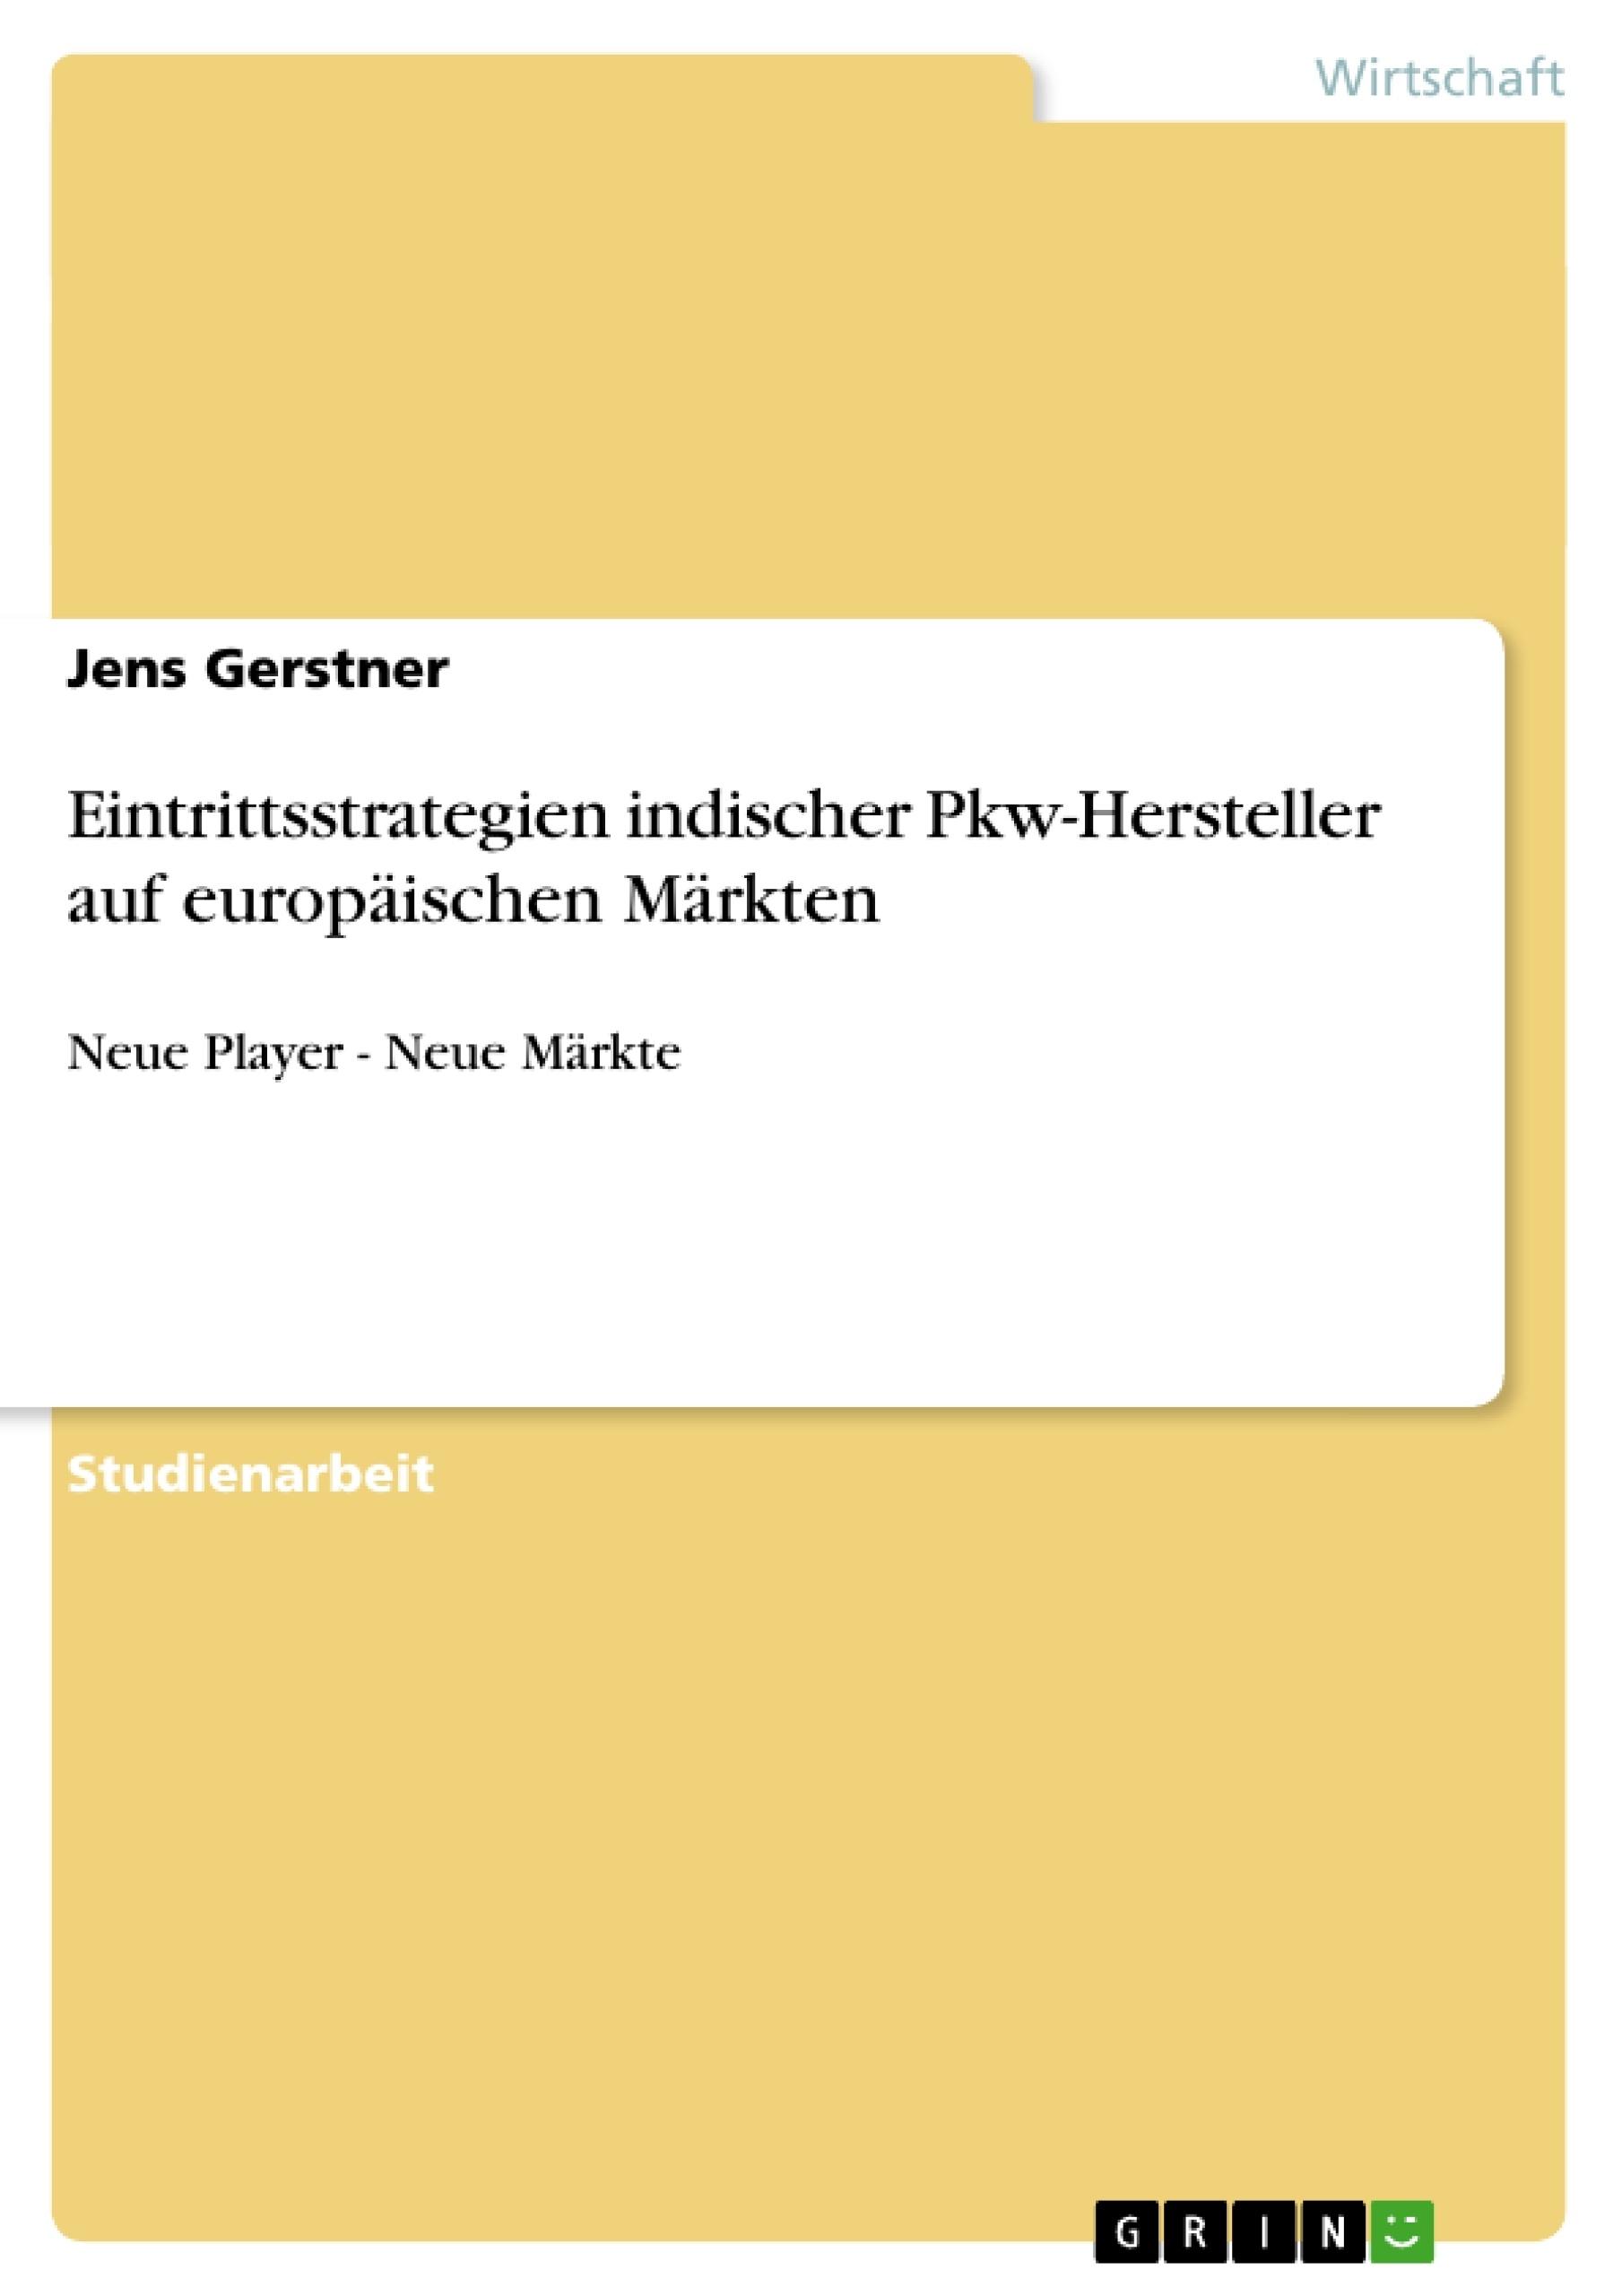 Titel: Eintrittsstrategien indischer Pkw-Hersteller auf europäischen Märkten